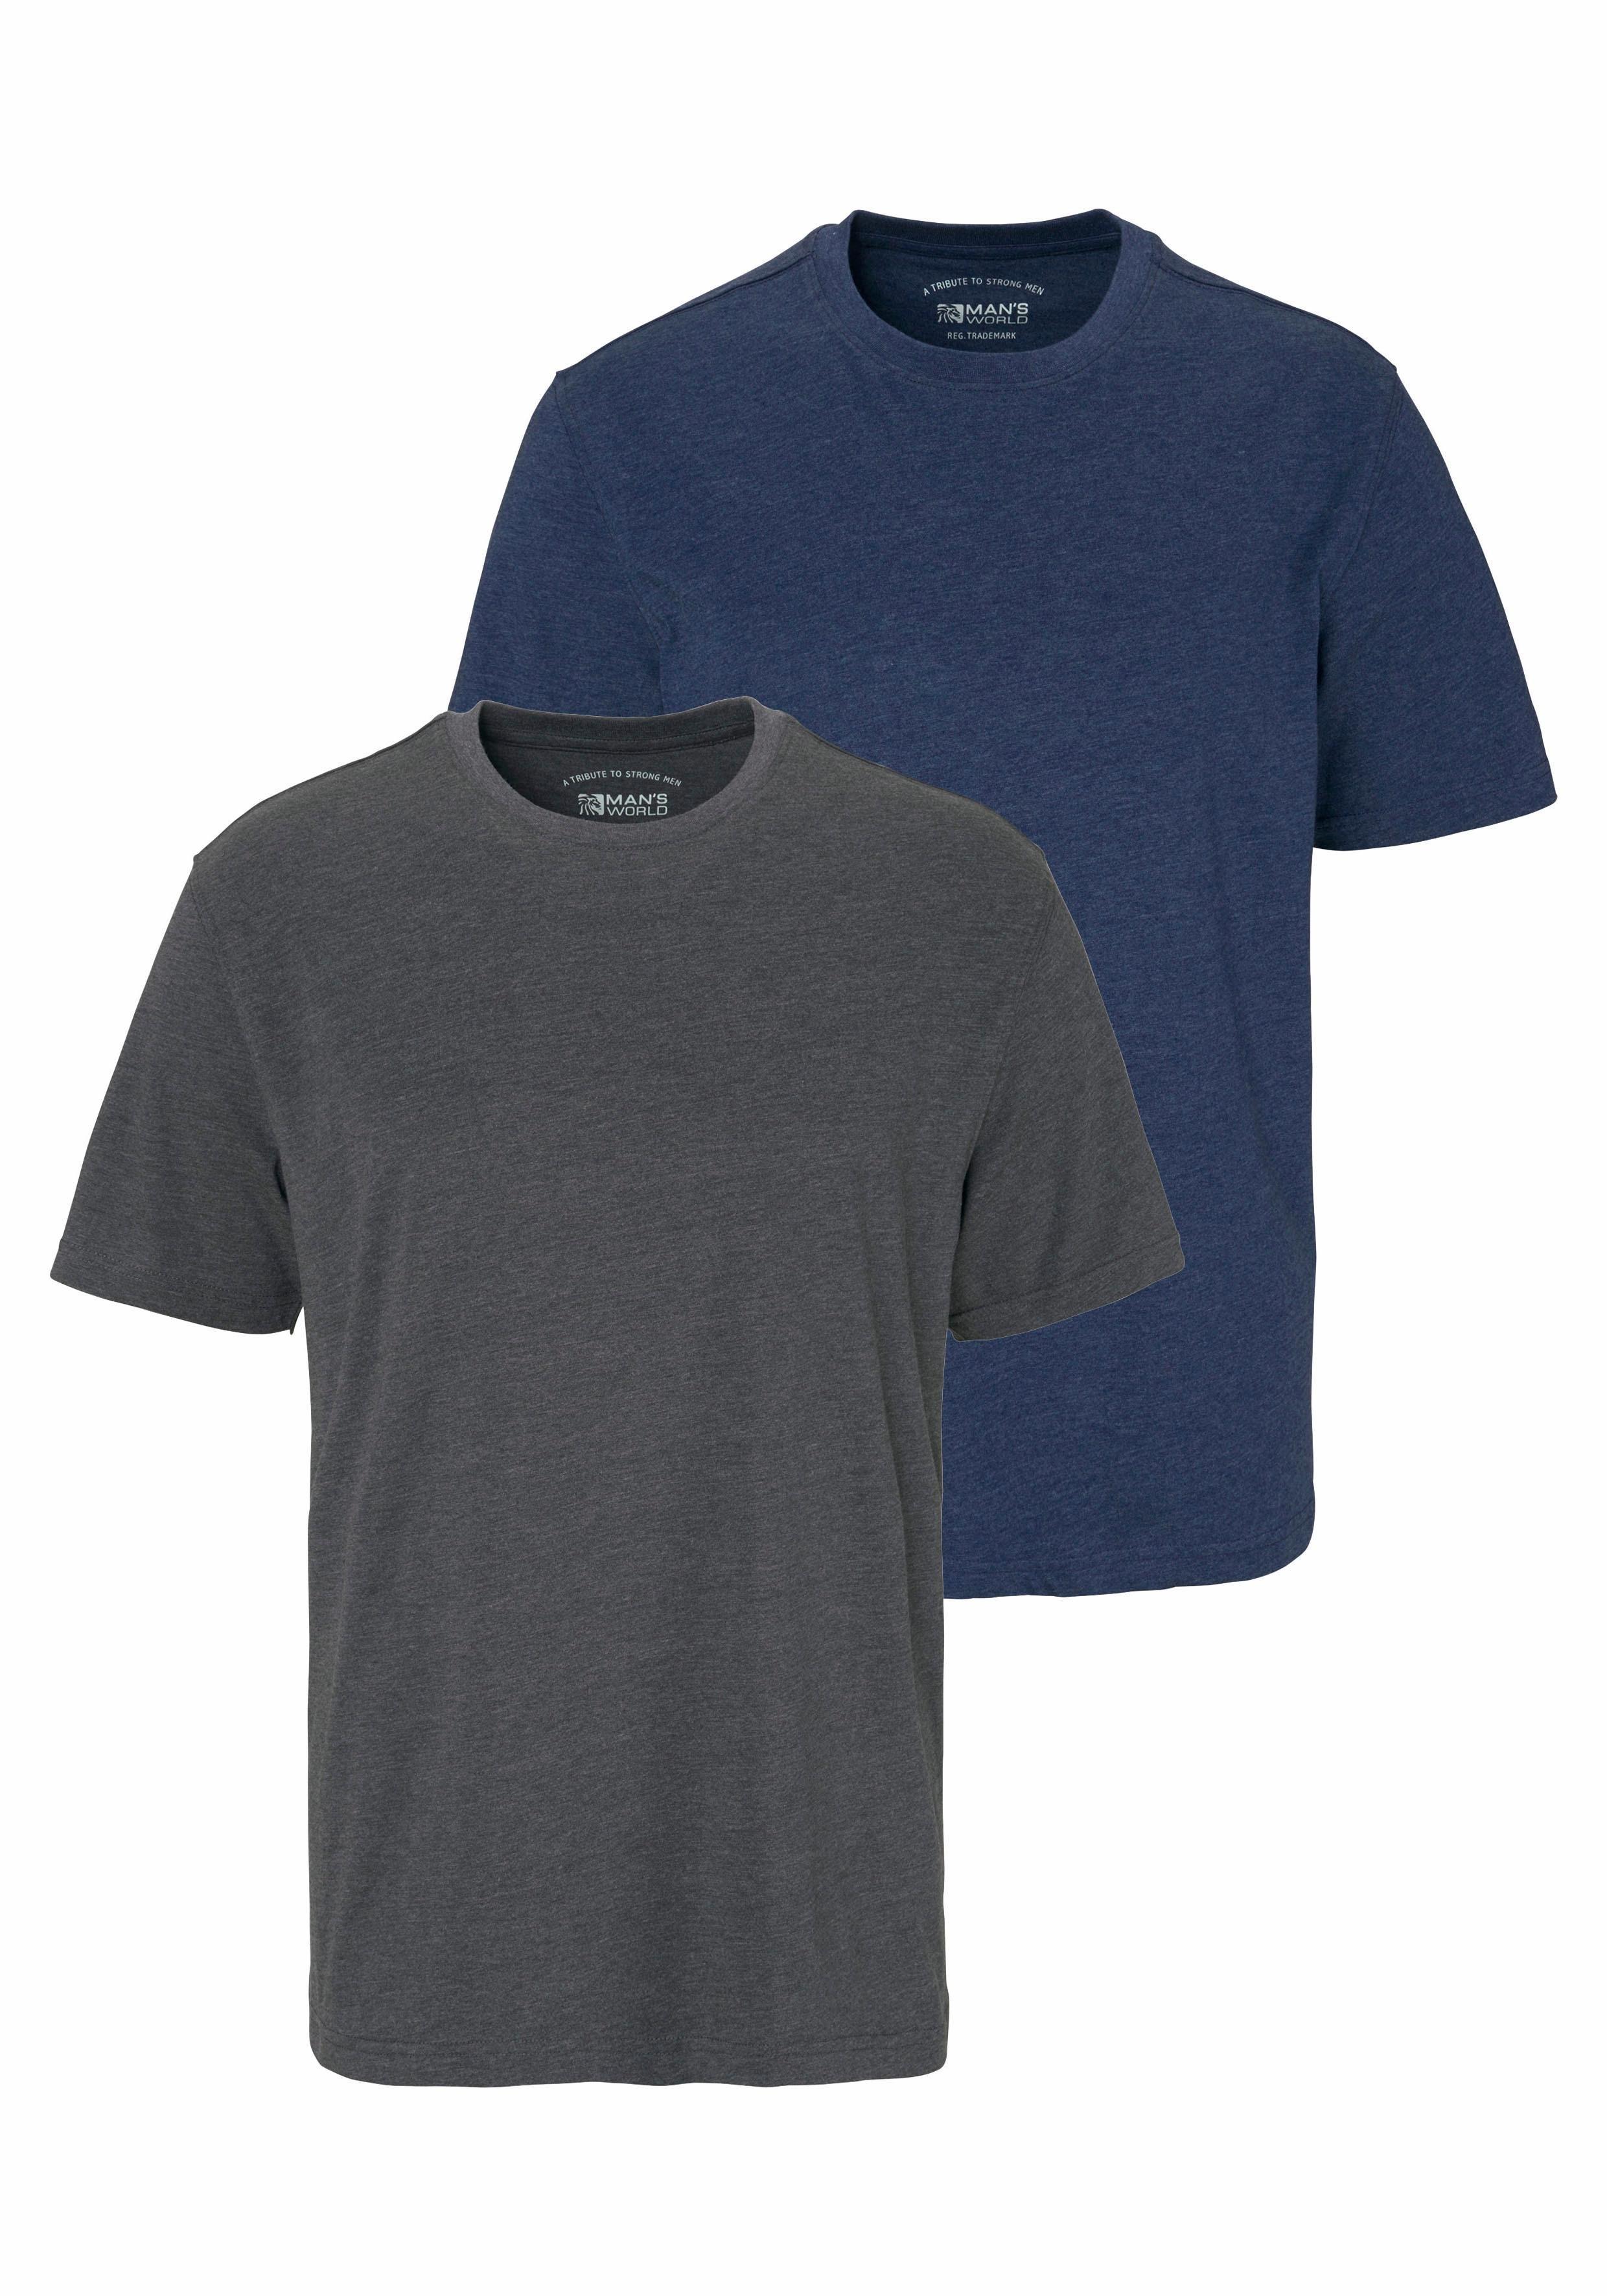 Man's World T-shirt (set, 2-delig) bestellen: 14 dagen bedenktijd